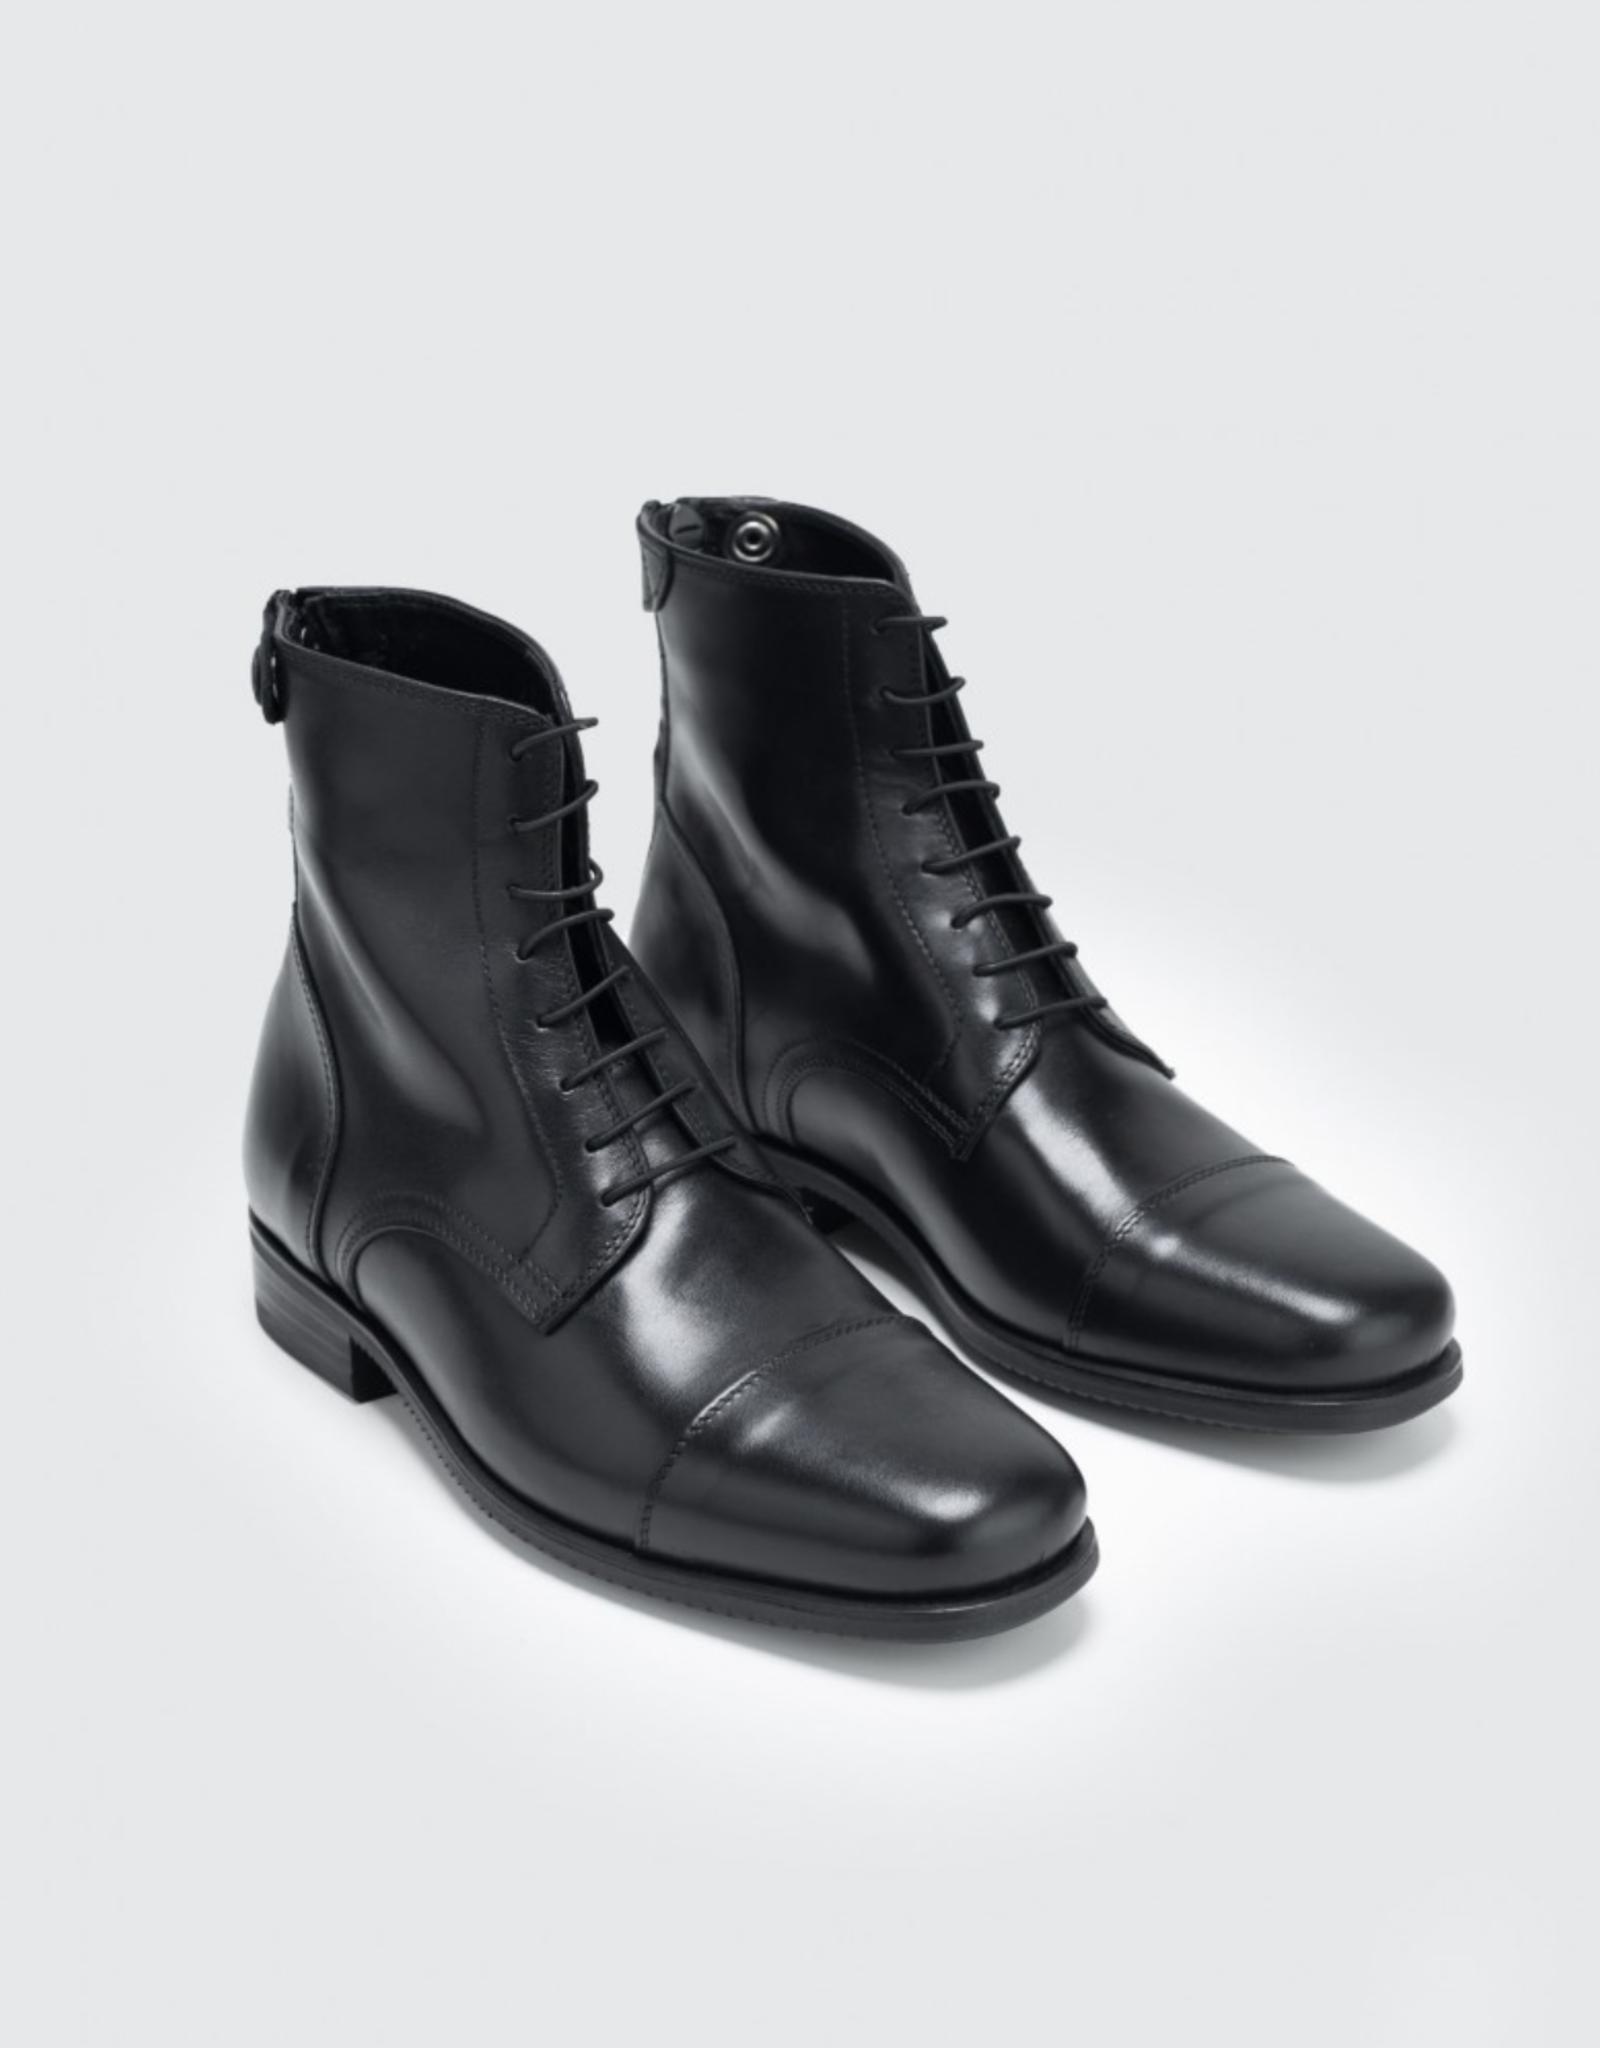 Secchiari Secchiari Unisex Back Zip Front Lace Paddock Boot